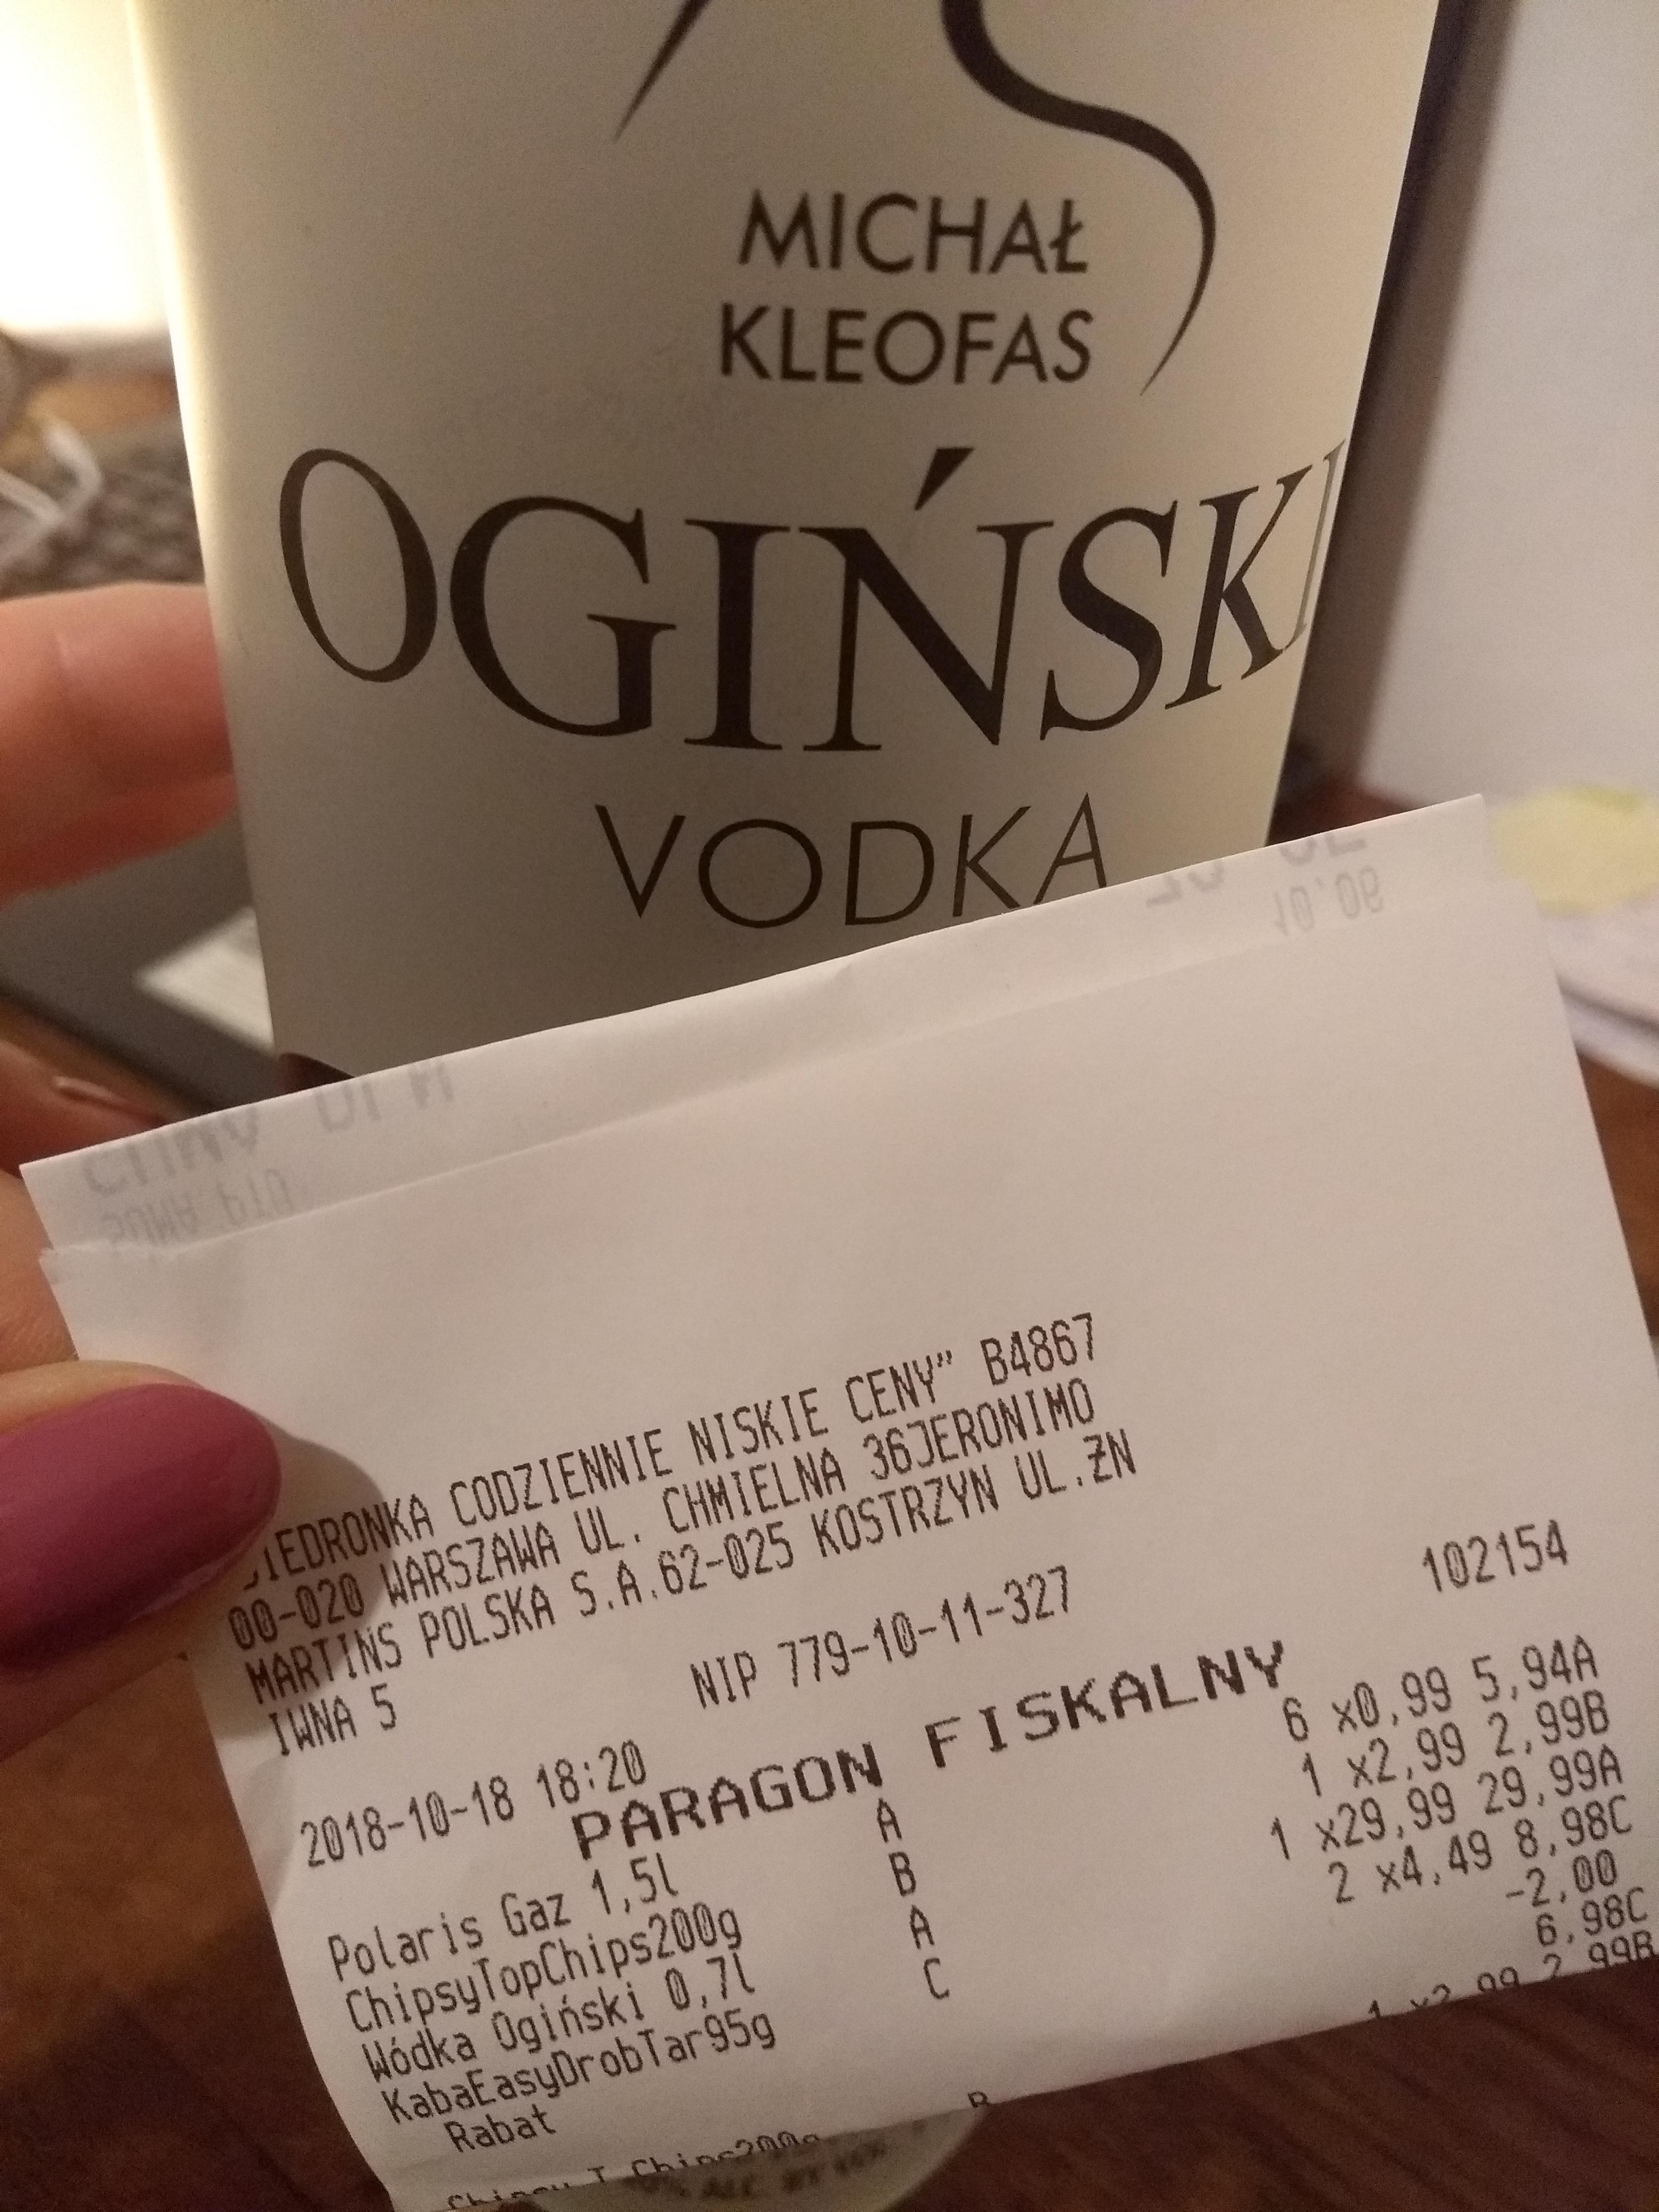 Wódka Ogiński 0.7L @ Biedronka